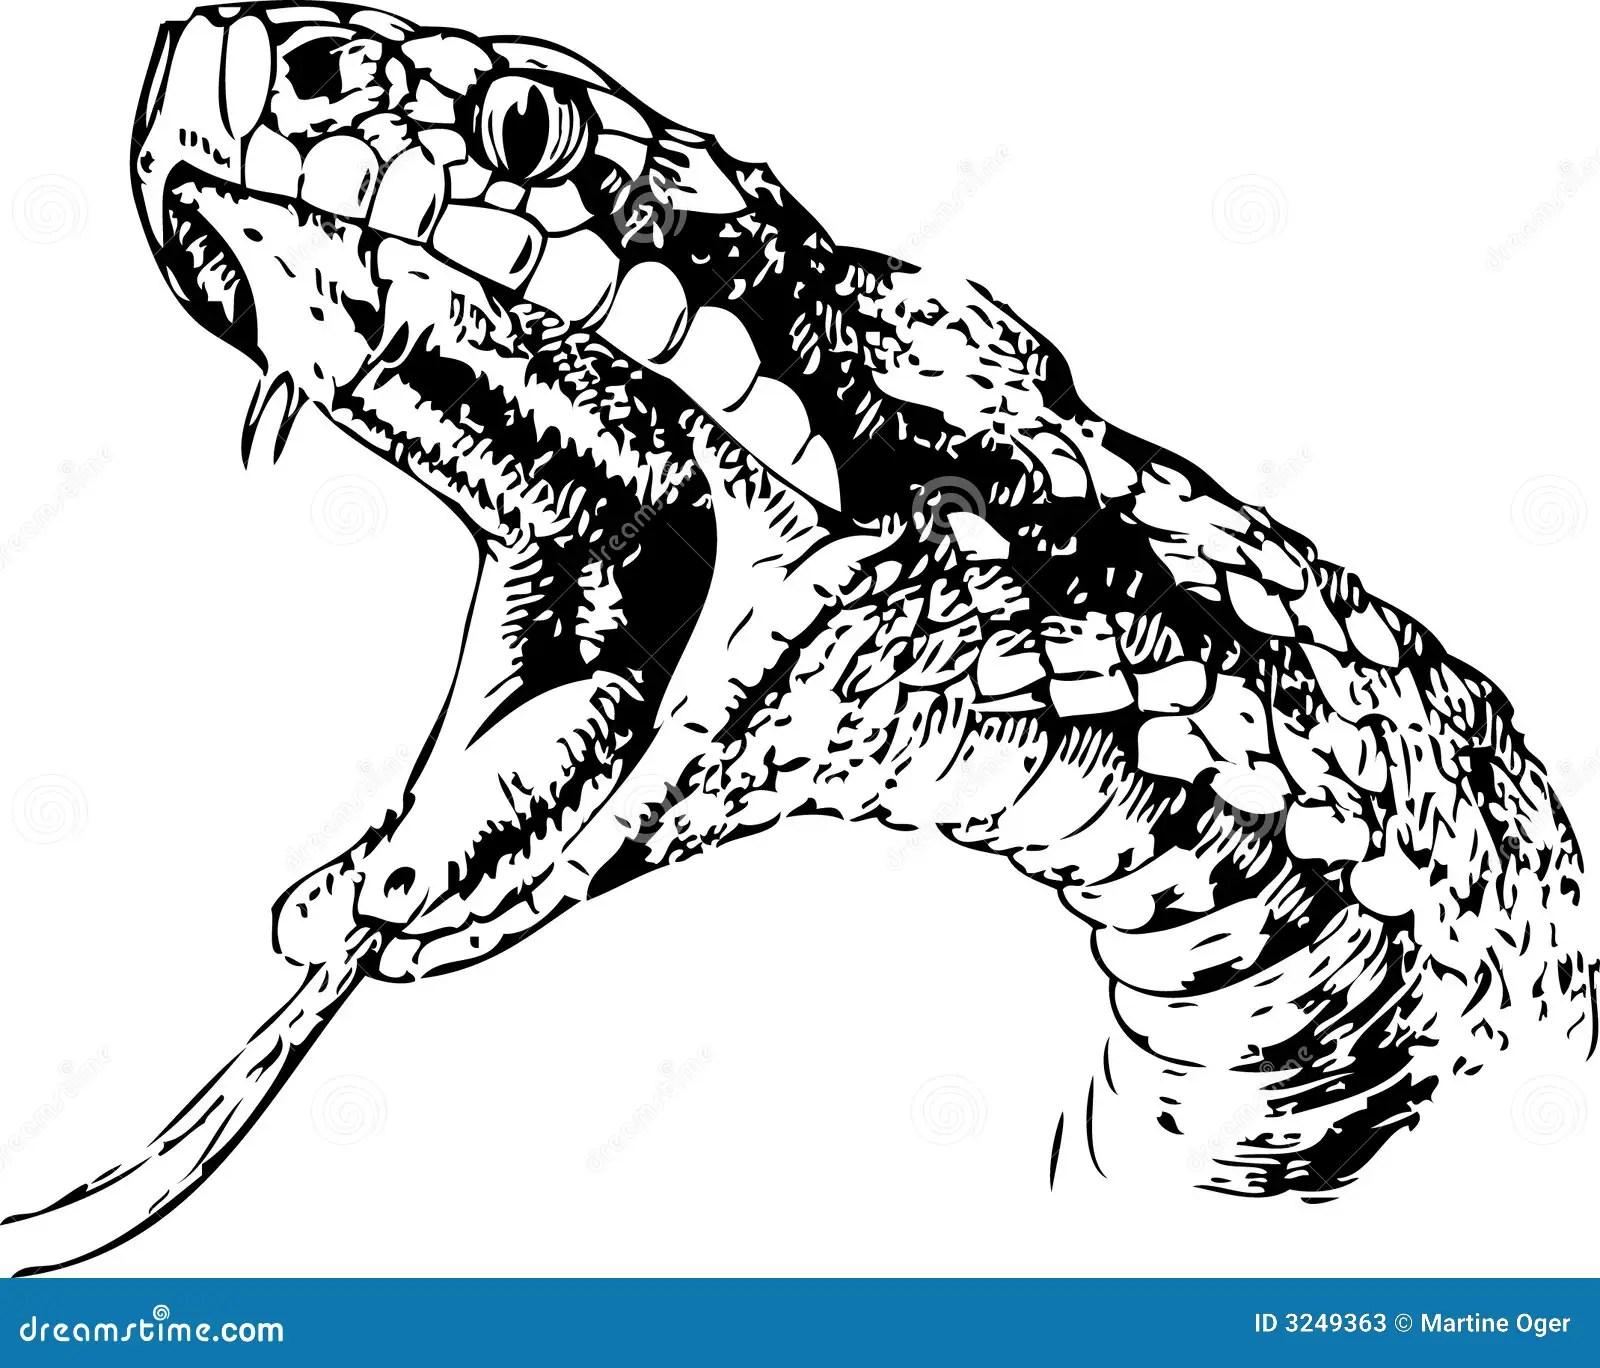 Szkic wąż ilustracja wektor. Ilustracja złożonej z